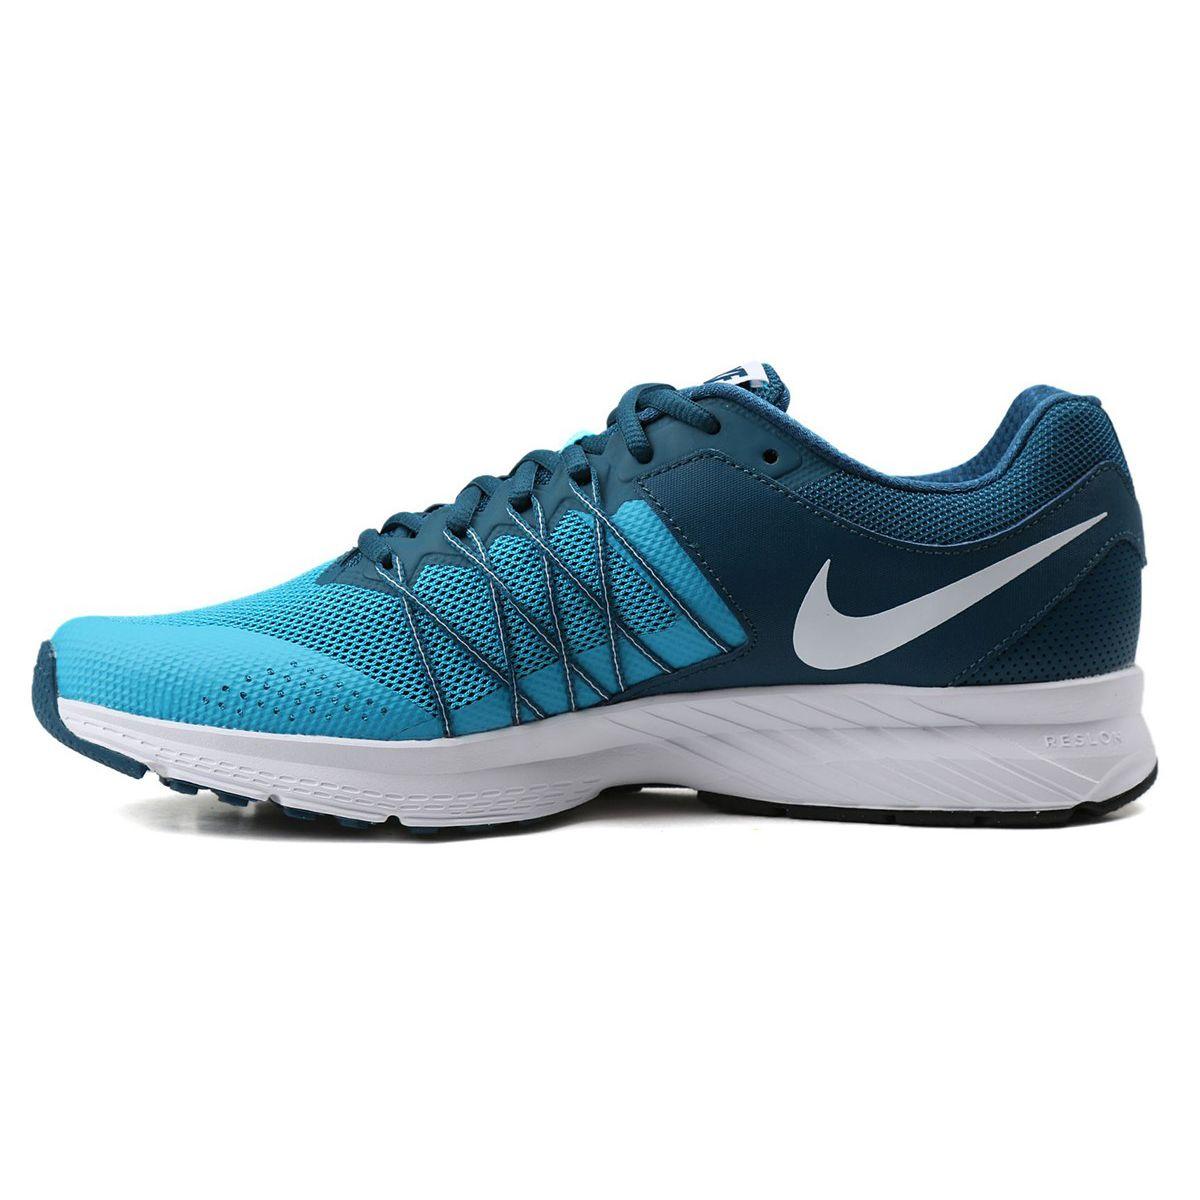 size 40 5dbc1 14d91 Nike Air Relentless 6 Koşu Ayakkabısı 843836403